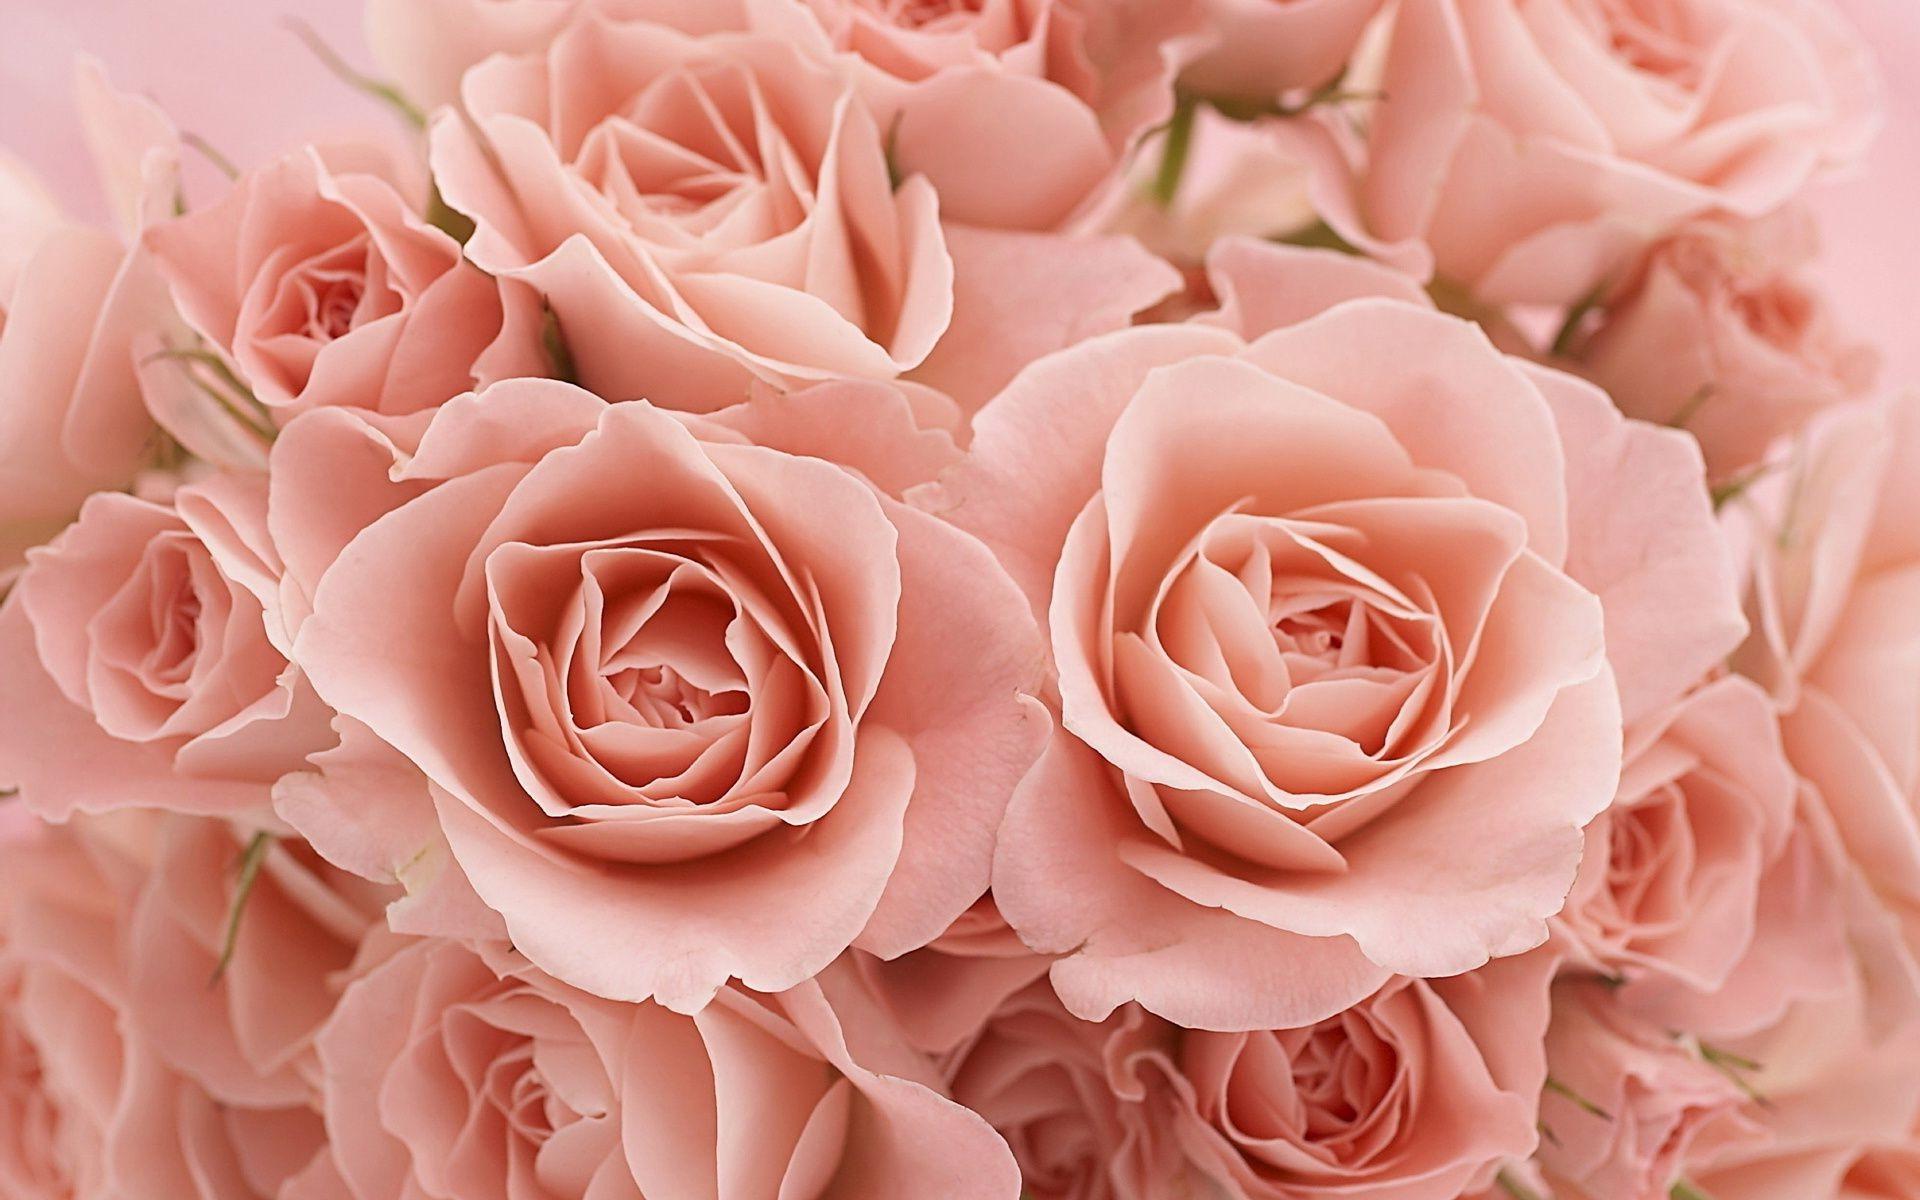 картинка на рабочий стол розы нежные розы начале